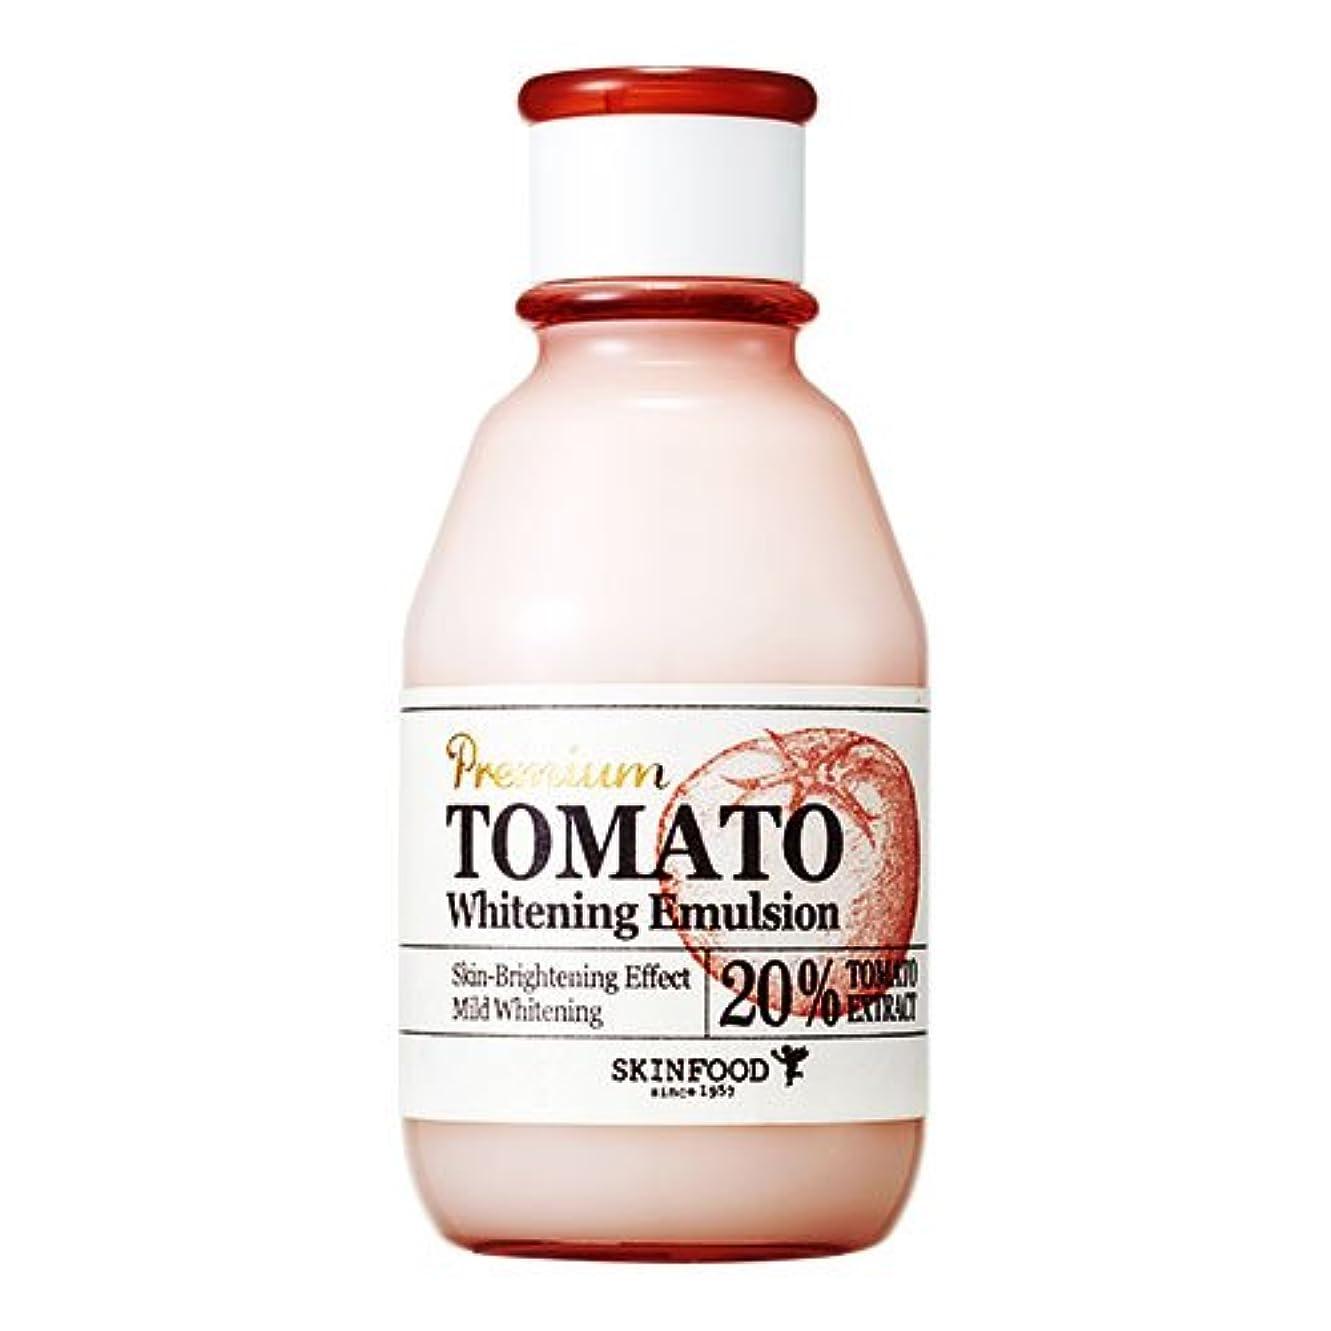 夜の動物園心理的ウェイド[スキンフード] SKINFOOD プレミアムトマトホワイトニングエマルジョン Premium Tomato Whitening Emulsion (海外直送品) [並行輸入品]